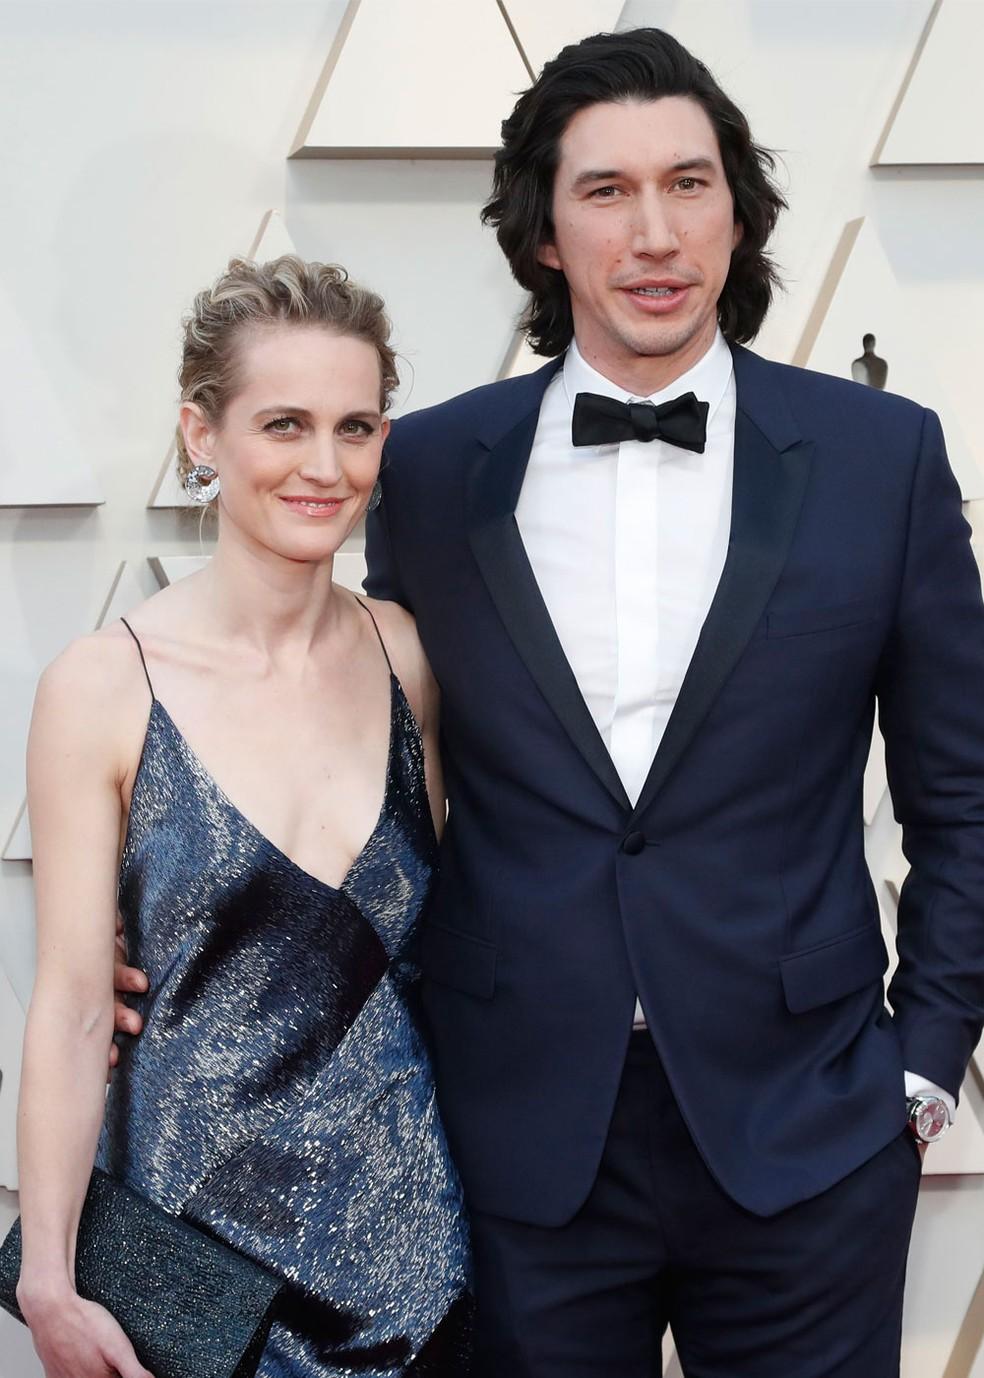 Adam Driver e sua esposa Joanne Tucker no tapete vermelho do Oscar 2019  — Foto: Mario Anzuoni/Reuters